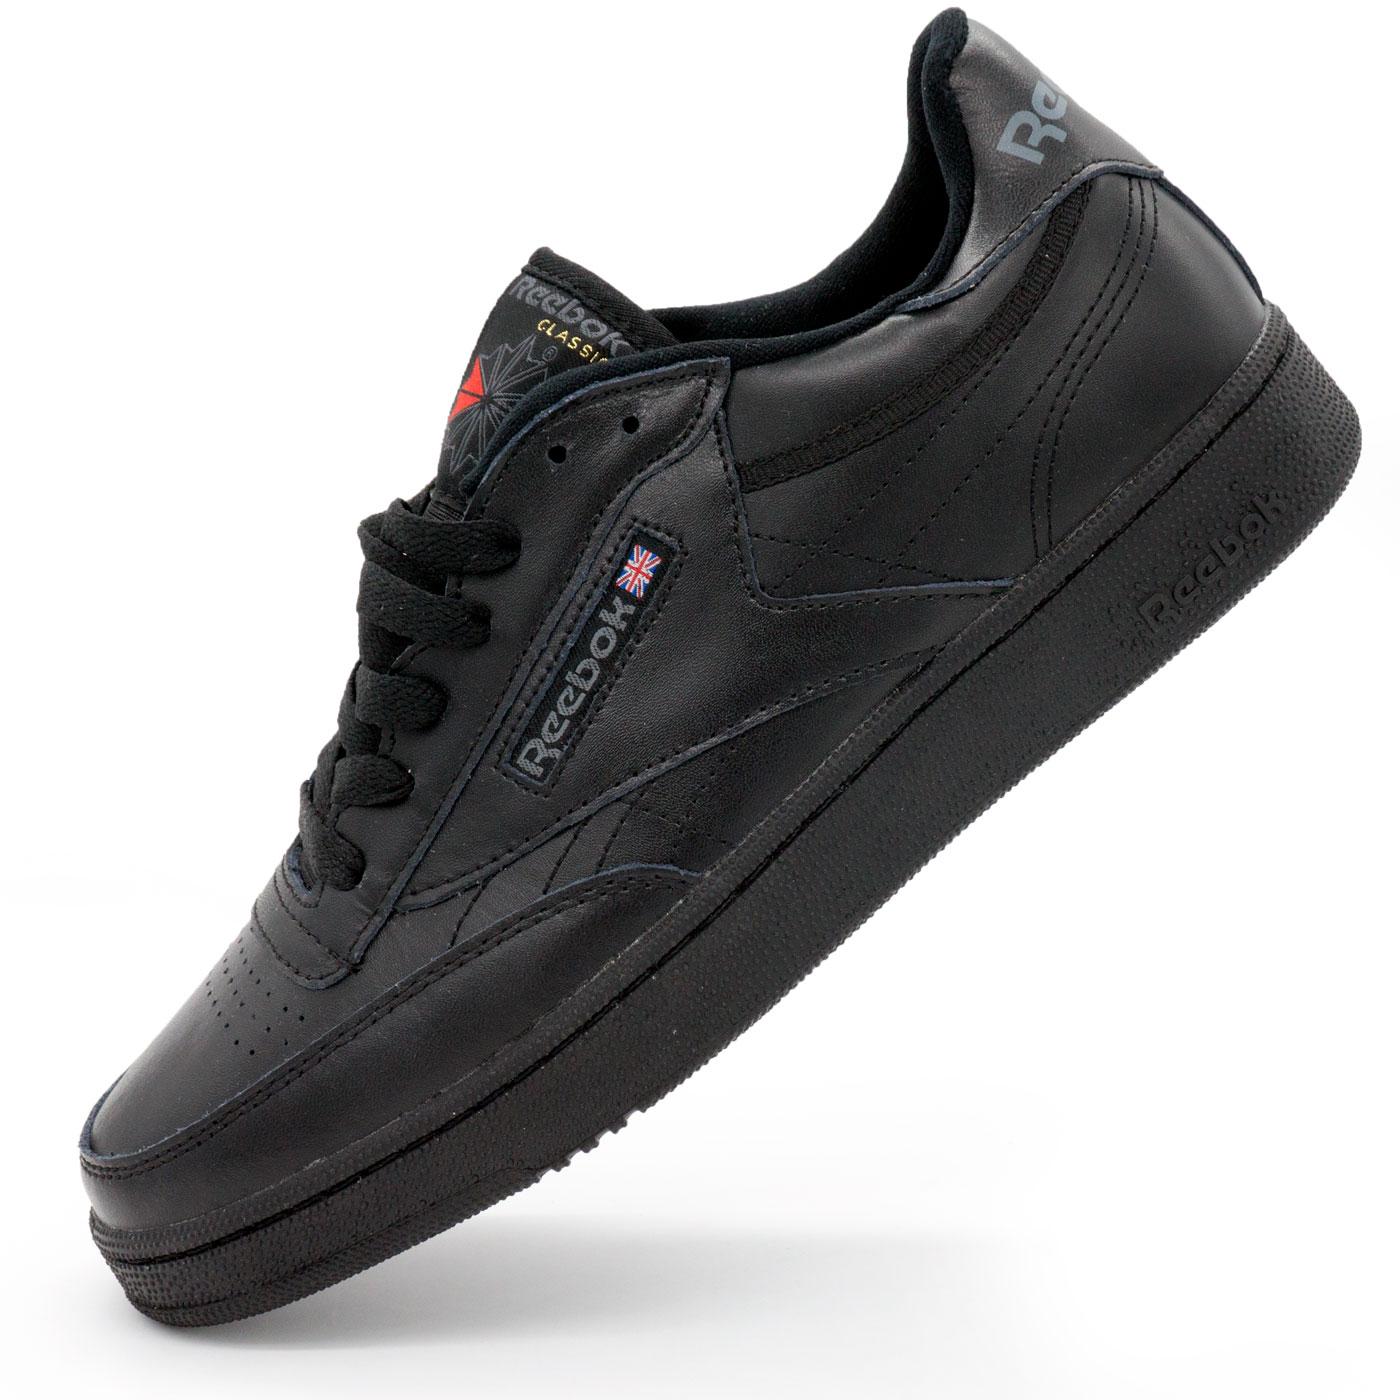 фото main Мужские кроссовки Reebok Сlassic Club C 85 черные, натуральная кожа - Топ качество! main